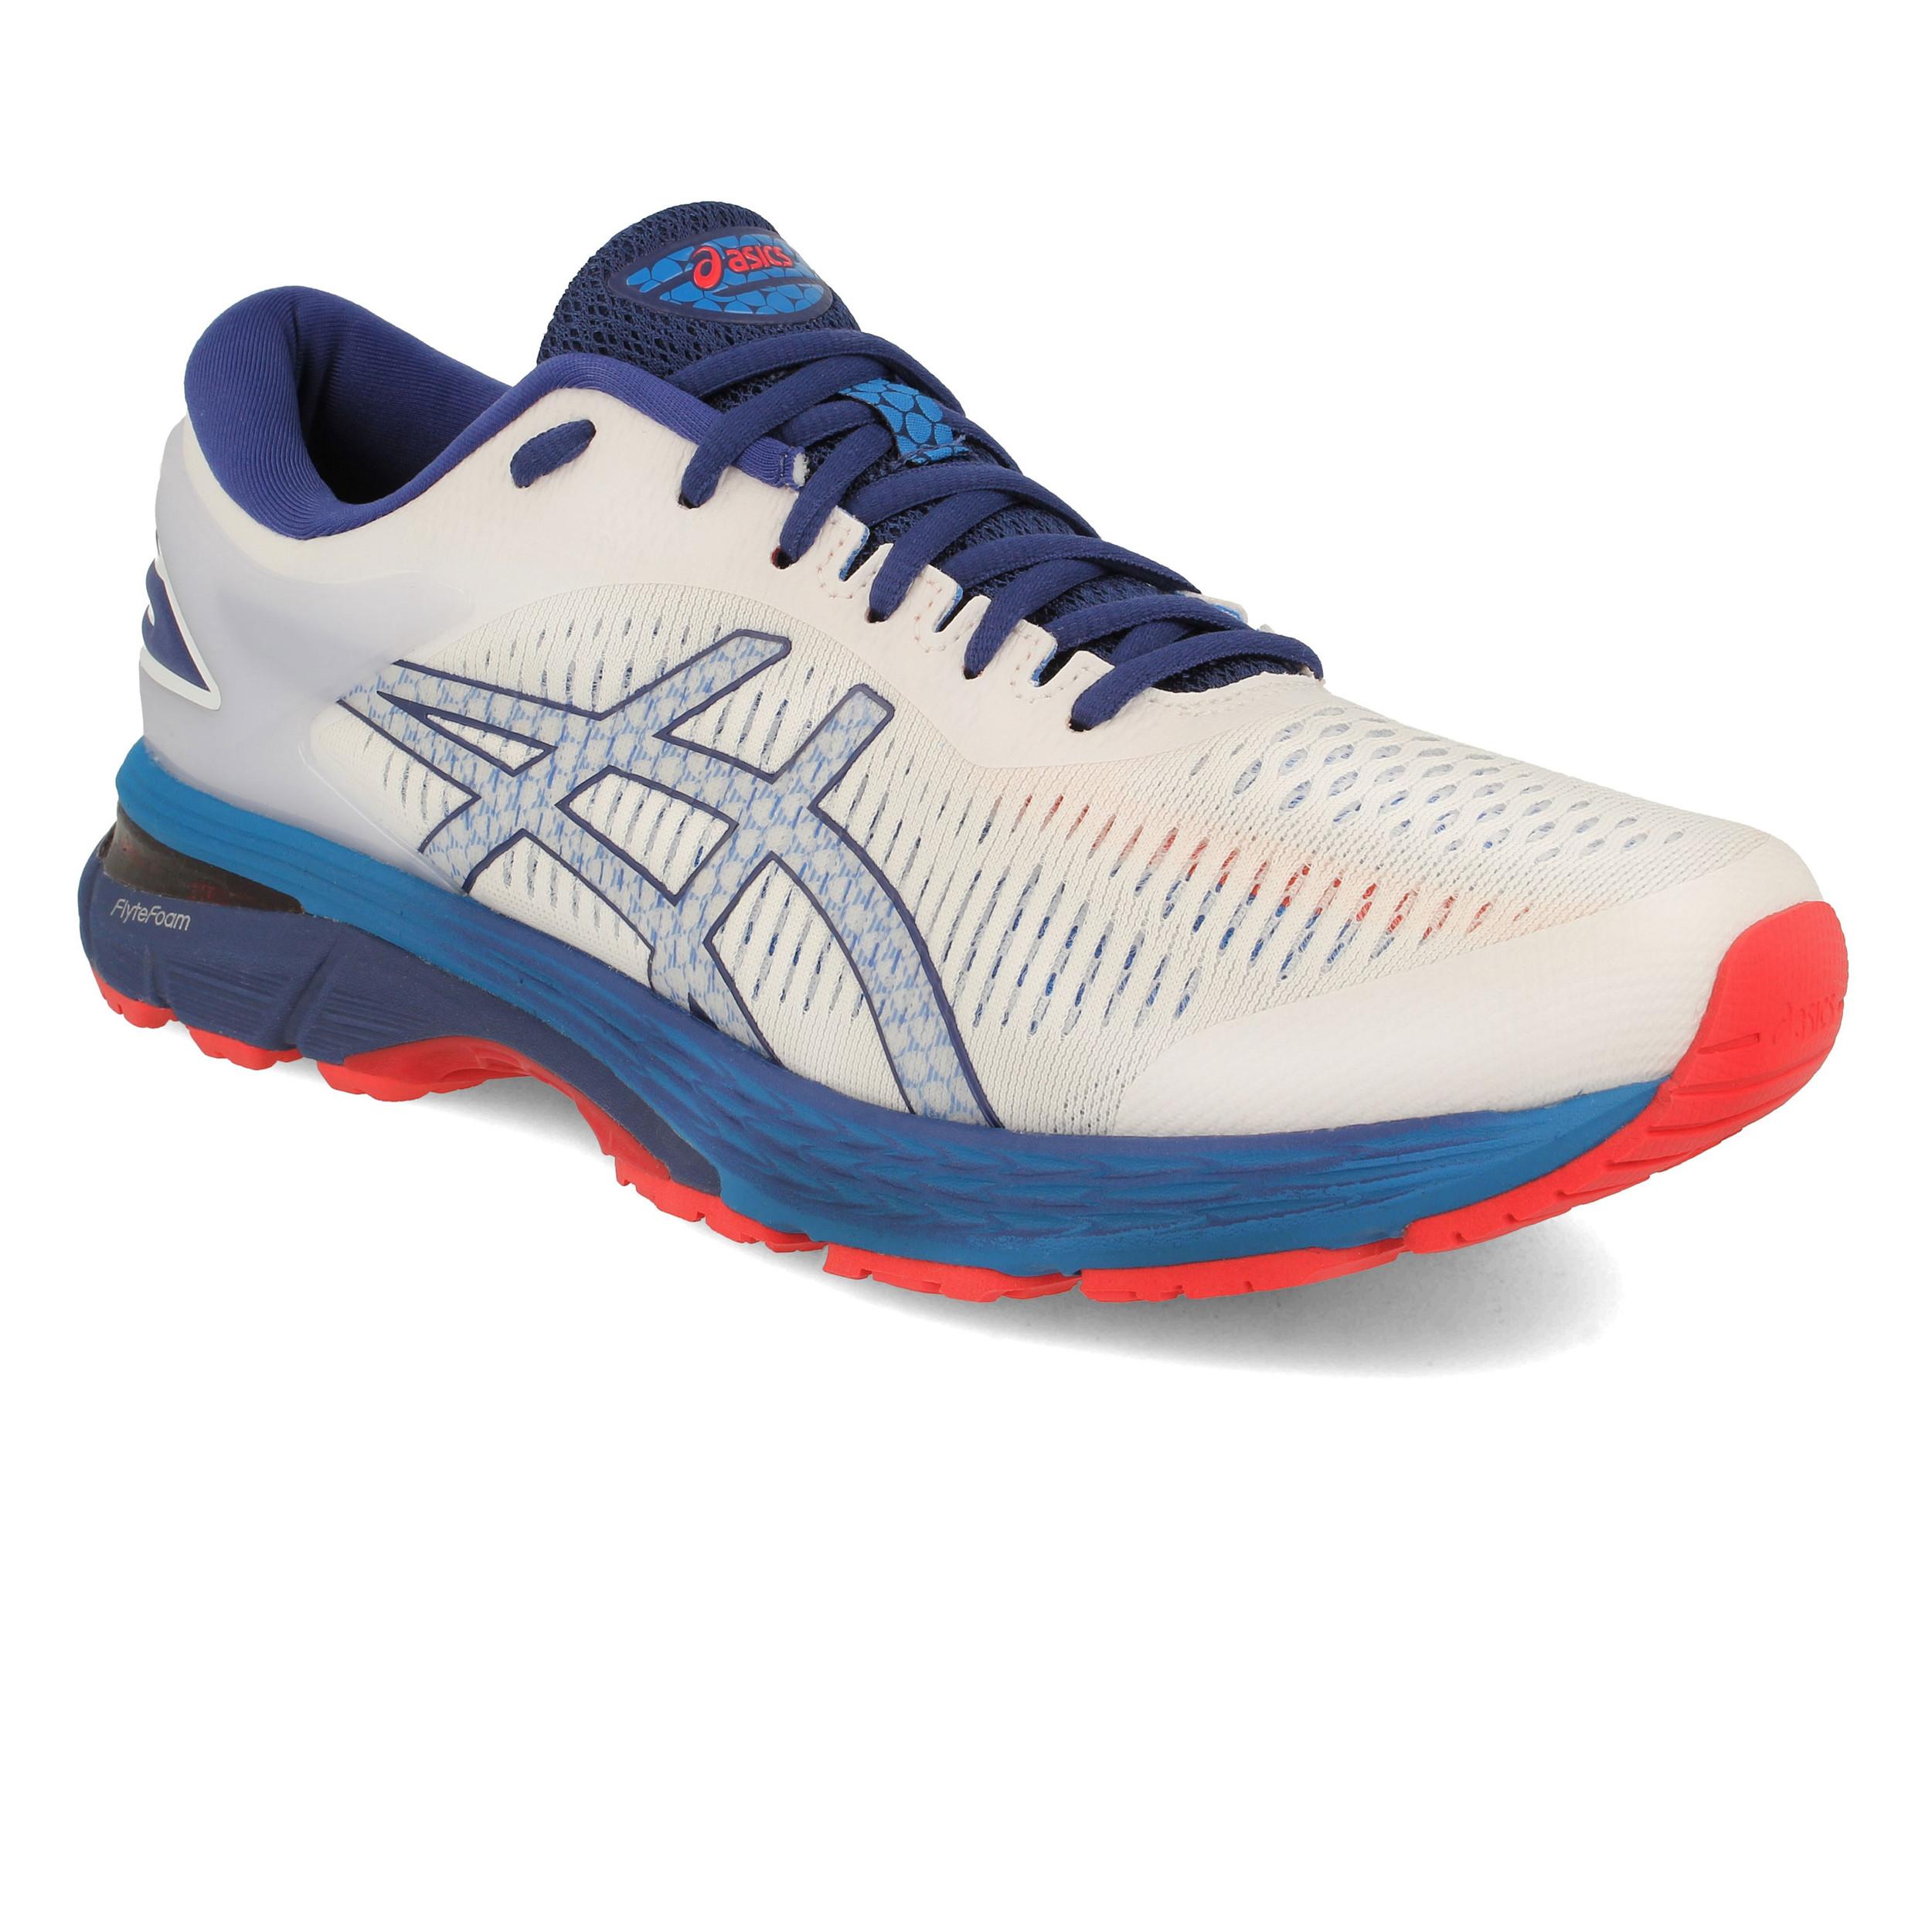 Détails sur Asics Homme Gel Kayano 25 Chaussures De Course Baskets Sneakers Blanc Sport Respirant afficher le titre d'origine